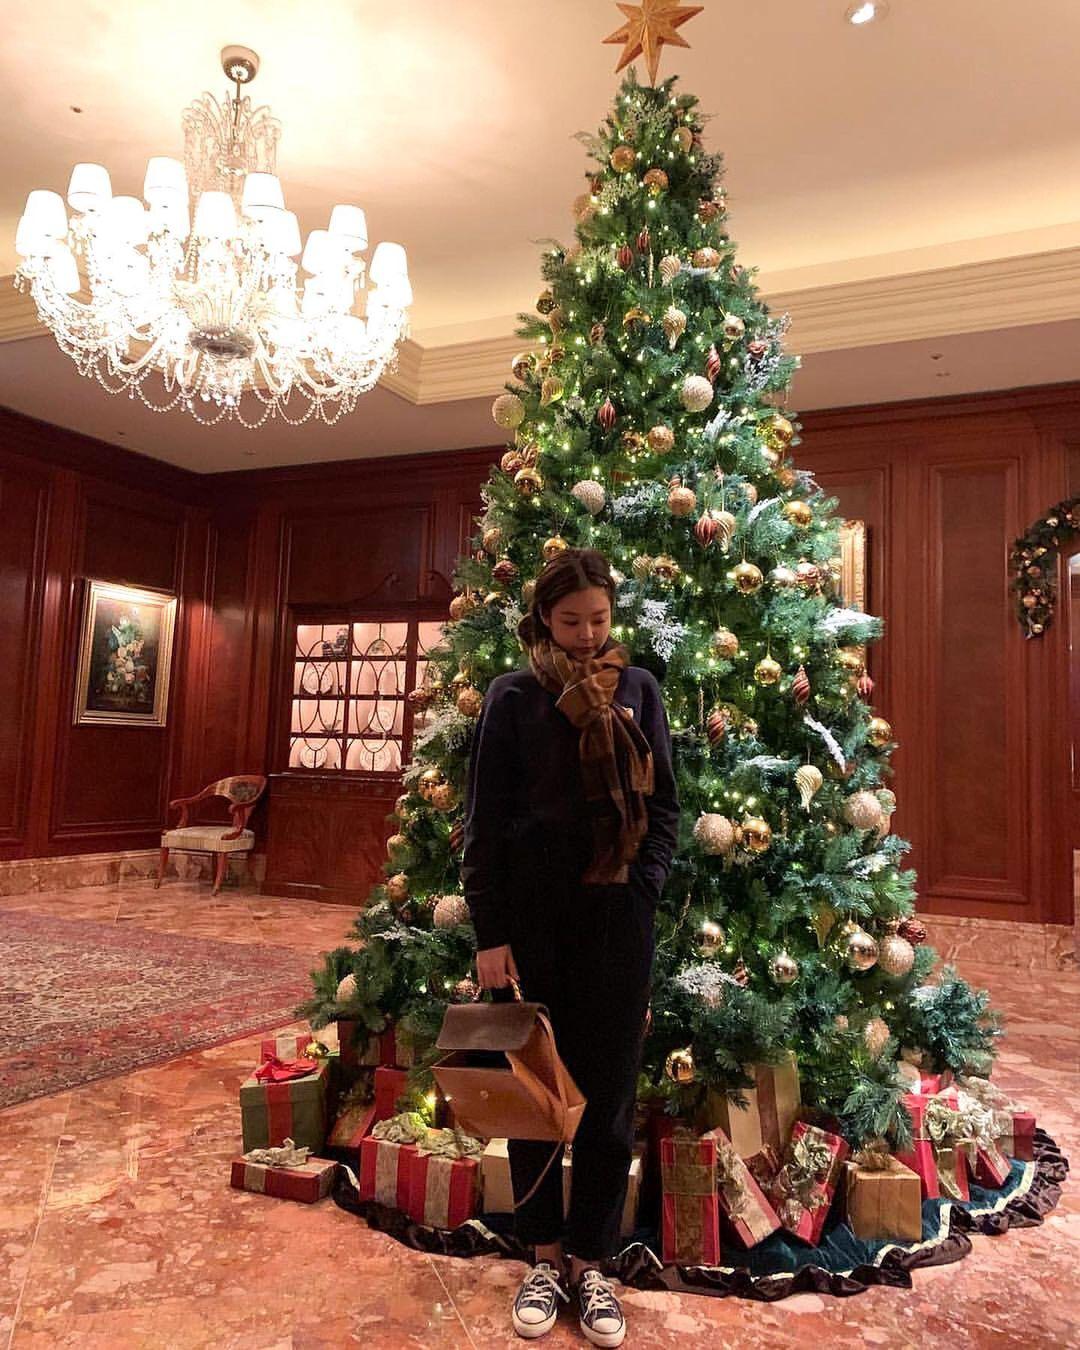 BLACKPINK lên đồ Giáng sinh xịn ghê, xem mà học được bao cách mix&match vừa ấm vừa xinh - Ảnh 6.